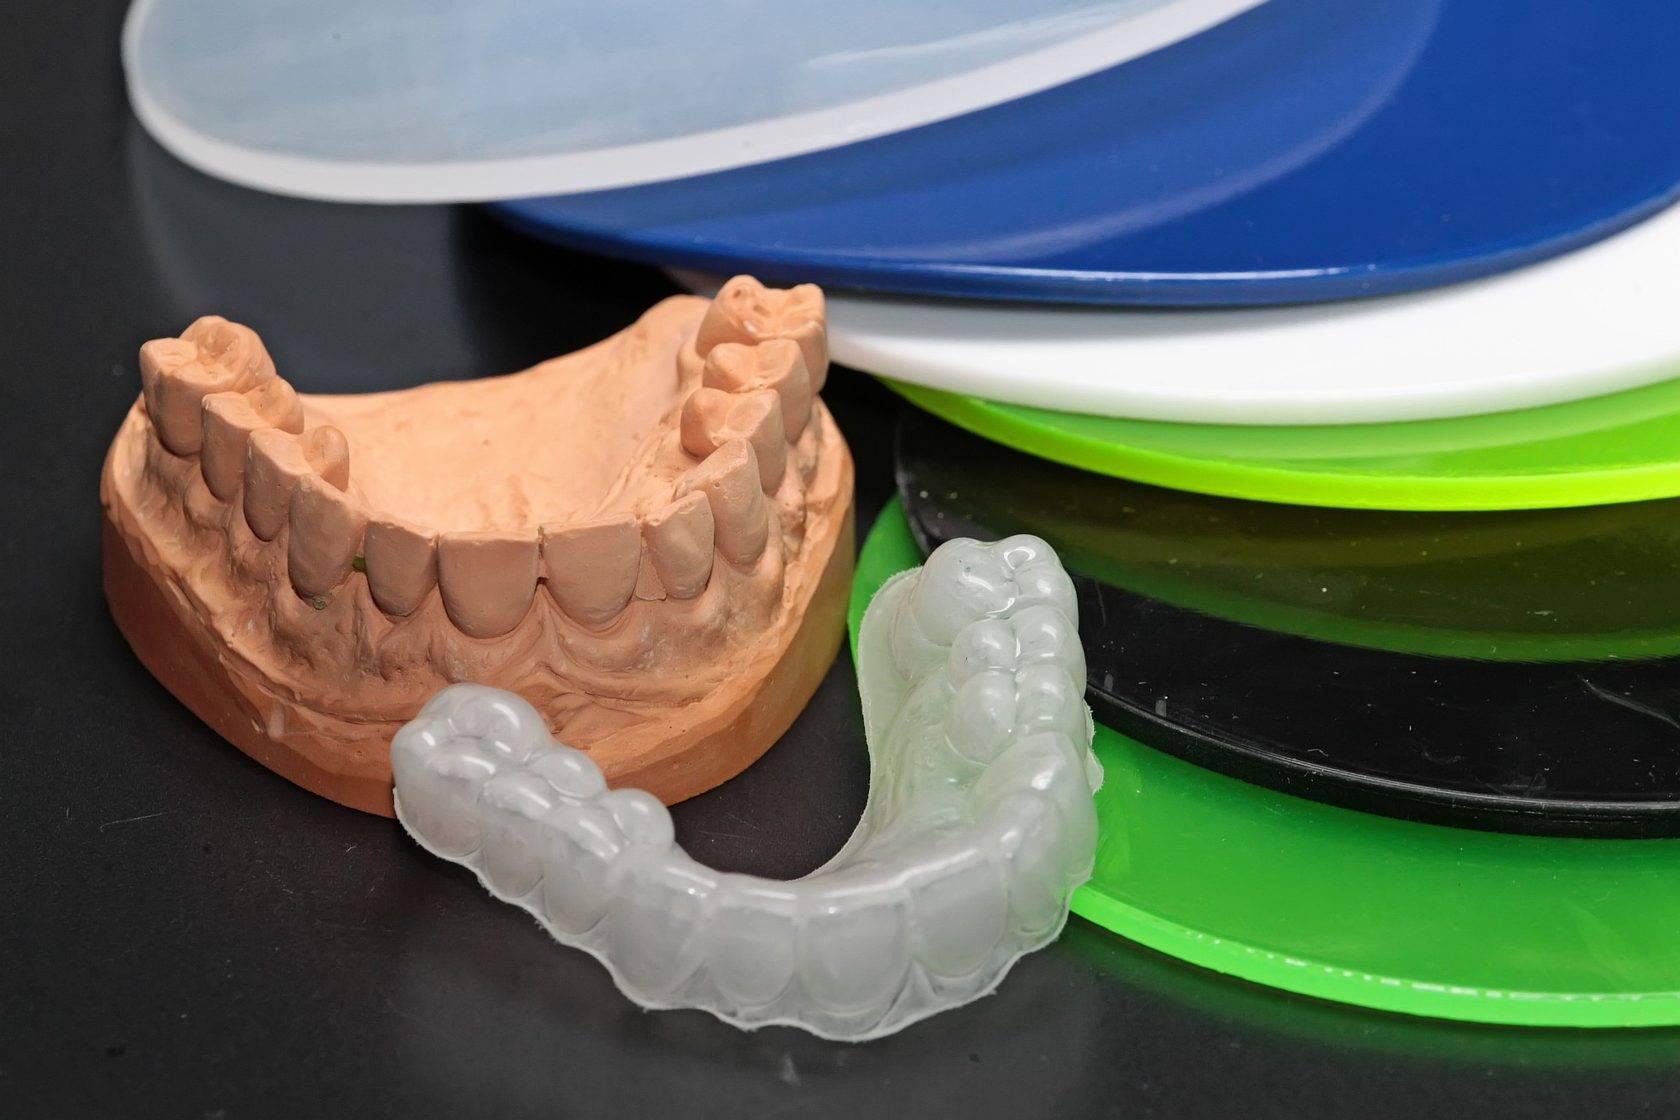 Лучшие виды зубных мостов и протезов, плюсы и минусы конструкций с фото